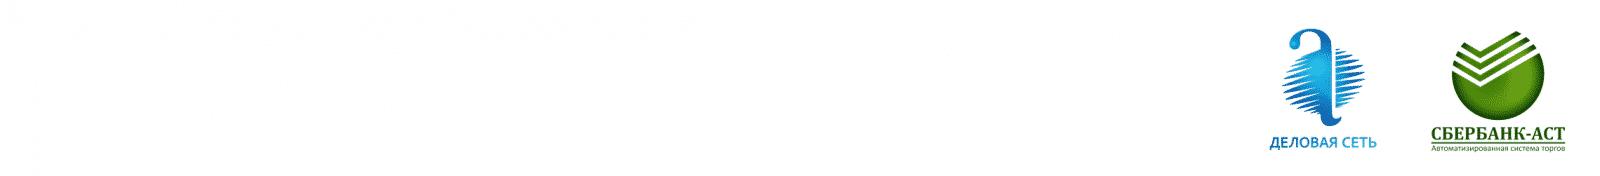 Усиленная квалифицированная электронная подпись для Сбербанк АСТ